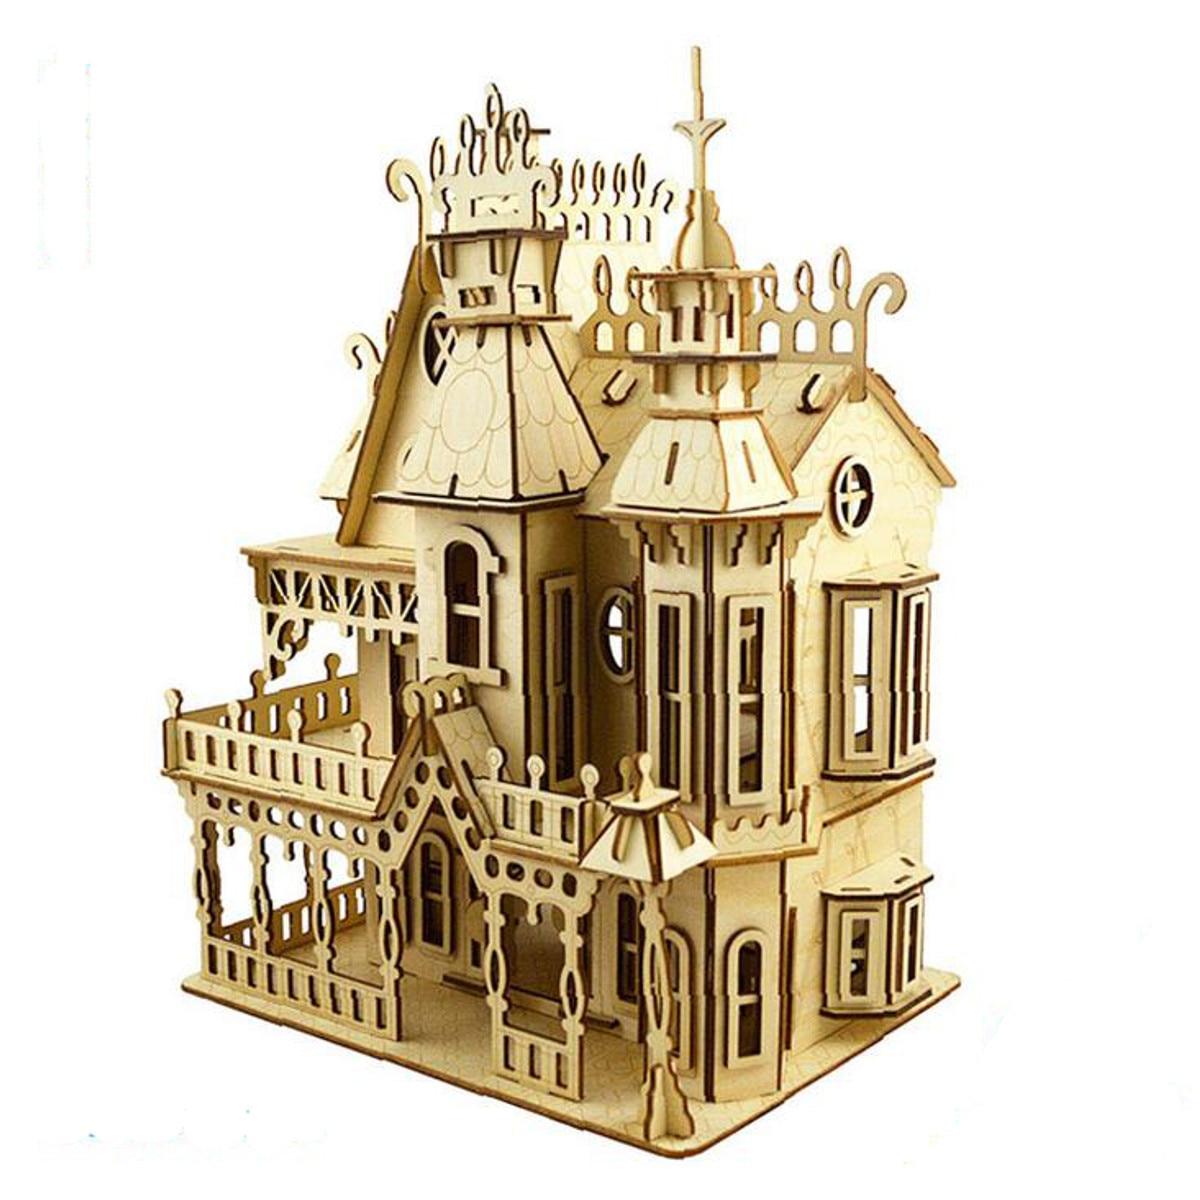 Nouveau Style victorien pignons poupées maison jouets en bois maison de poupée Laser coupe bois meubles Kit de construction exposition meubles cadeau